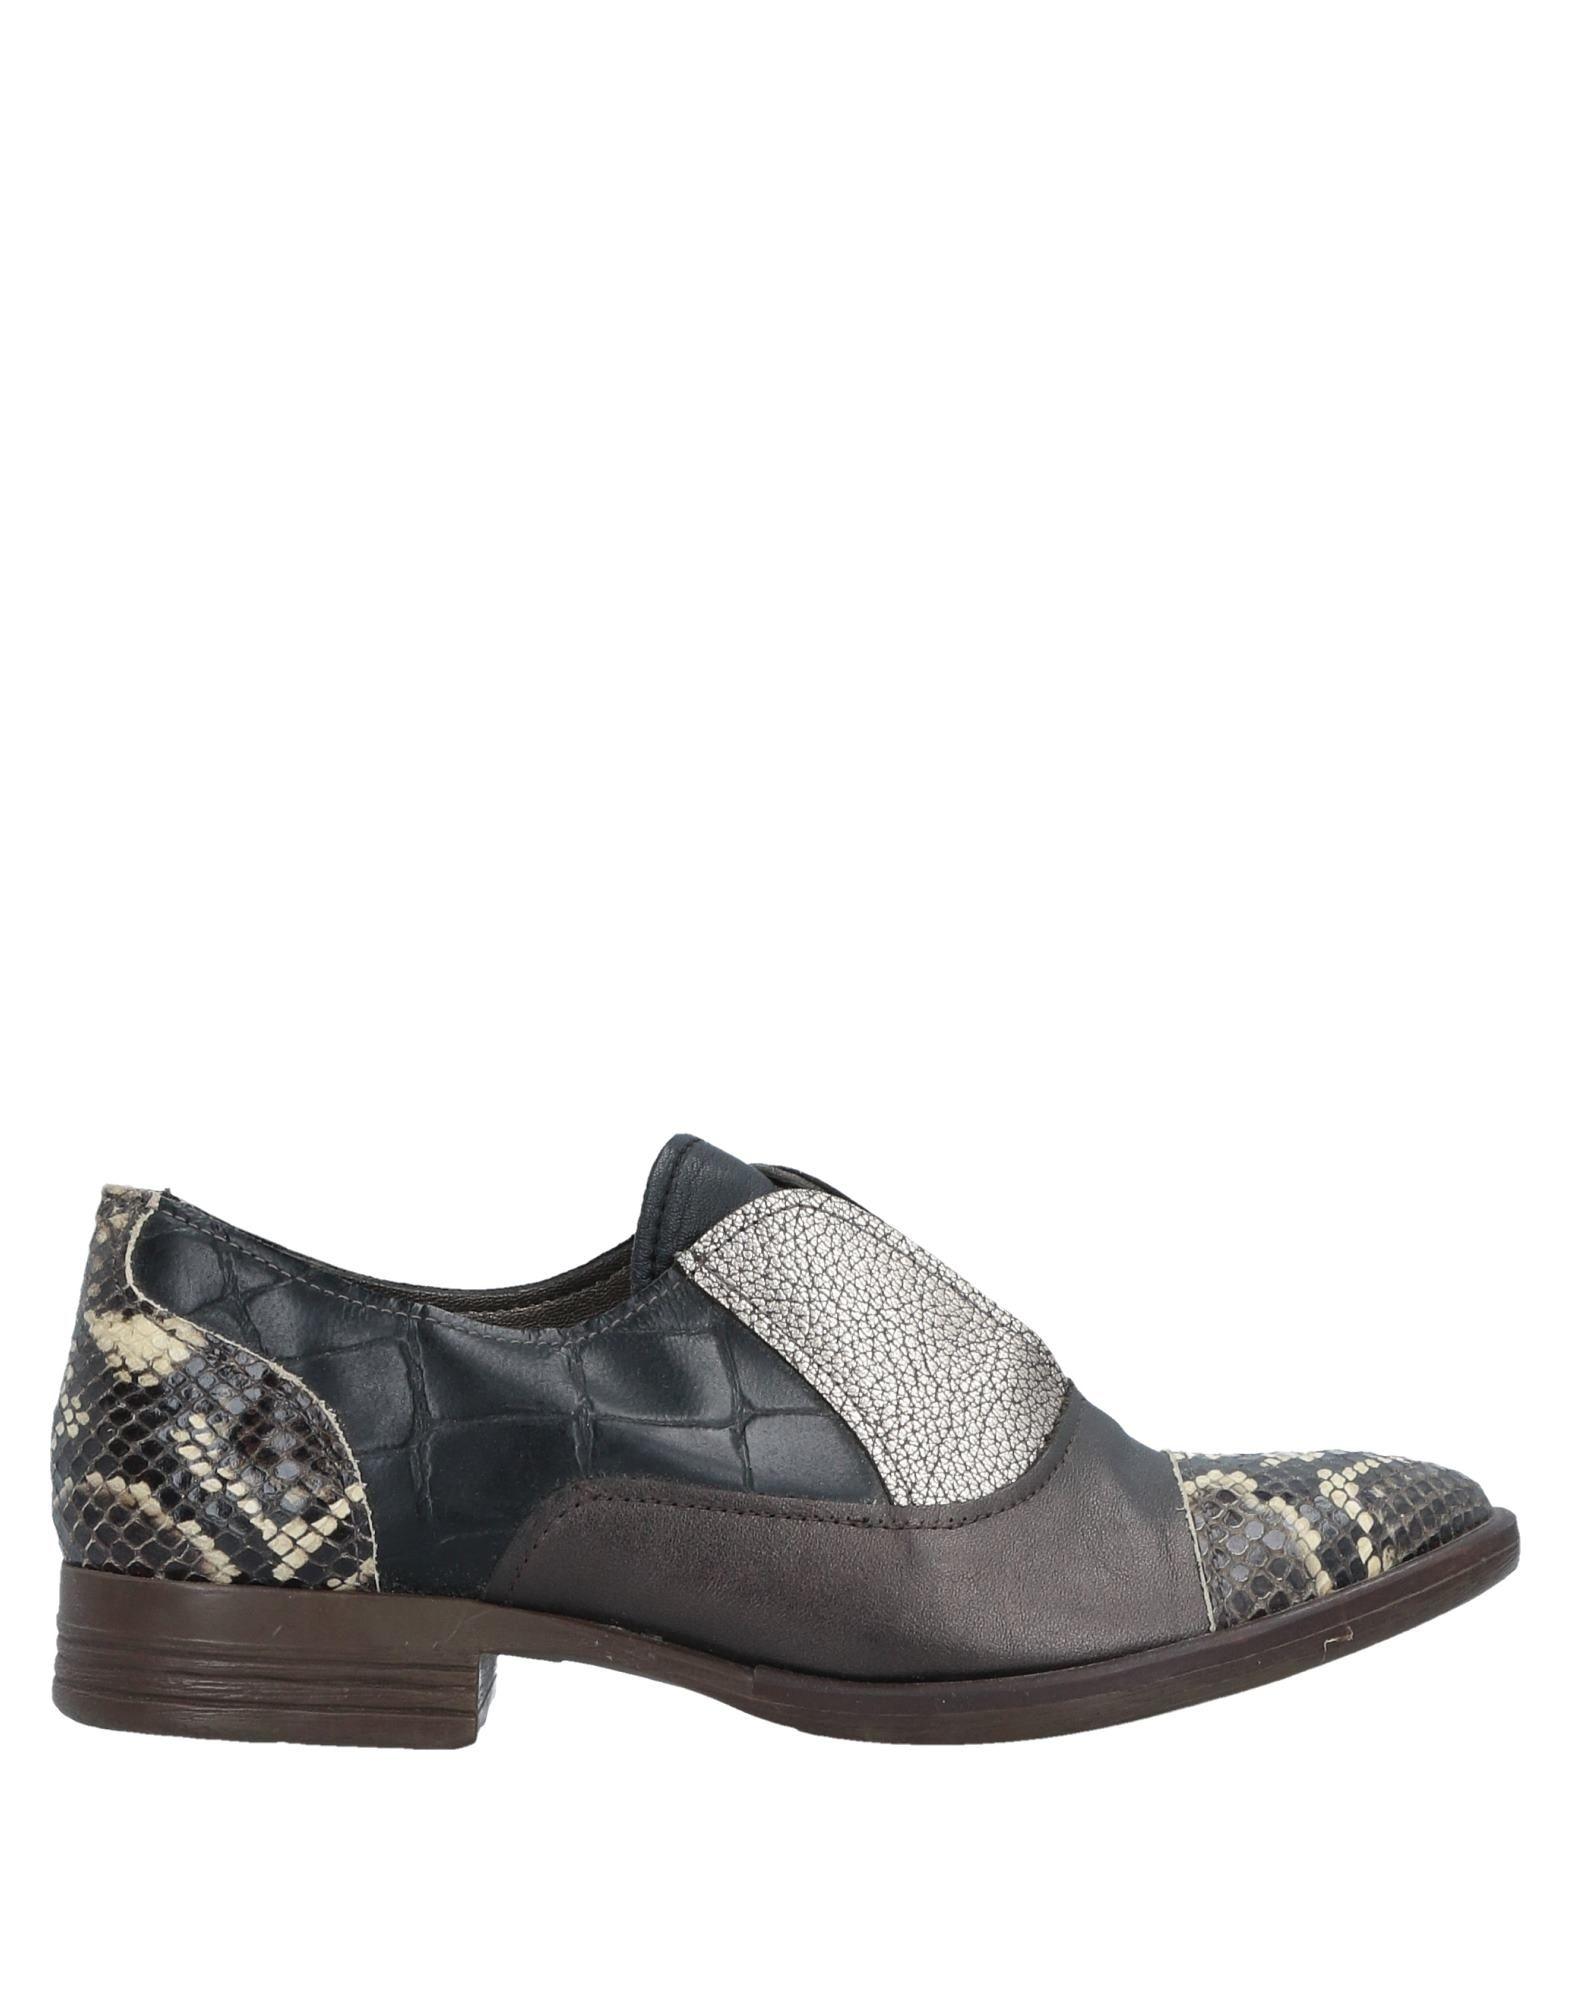 Moda Mocassino Ebarrito Donna - 11516801WE